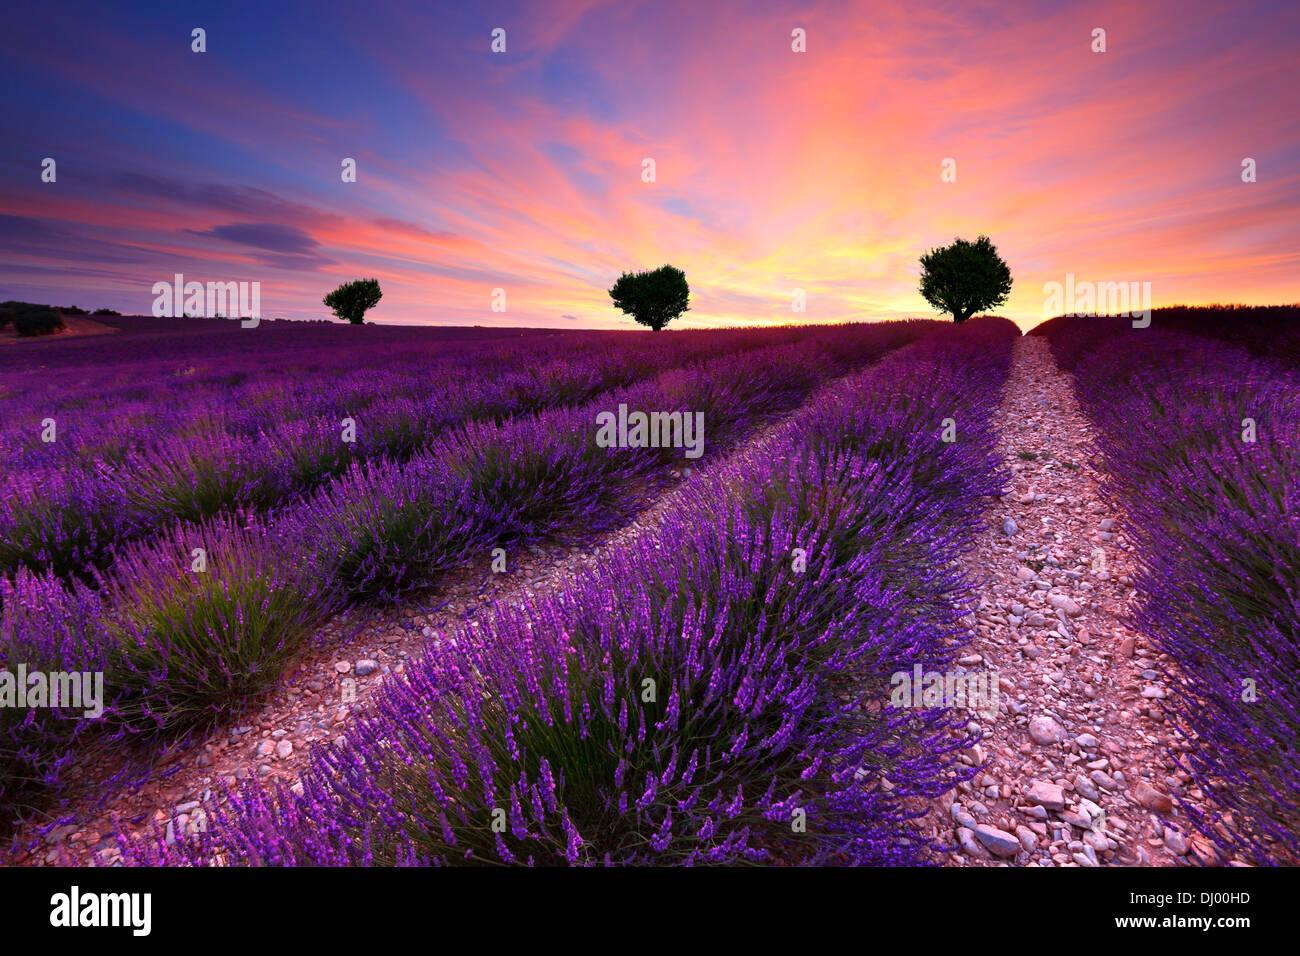 Tres en la colina en el campo de lavanda al atardecer. Francia Provenza. Imagen De Stock